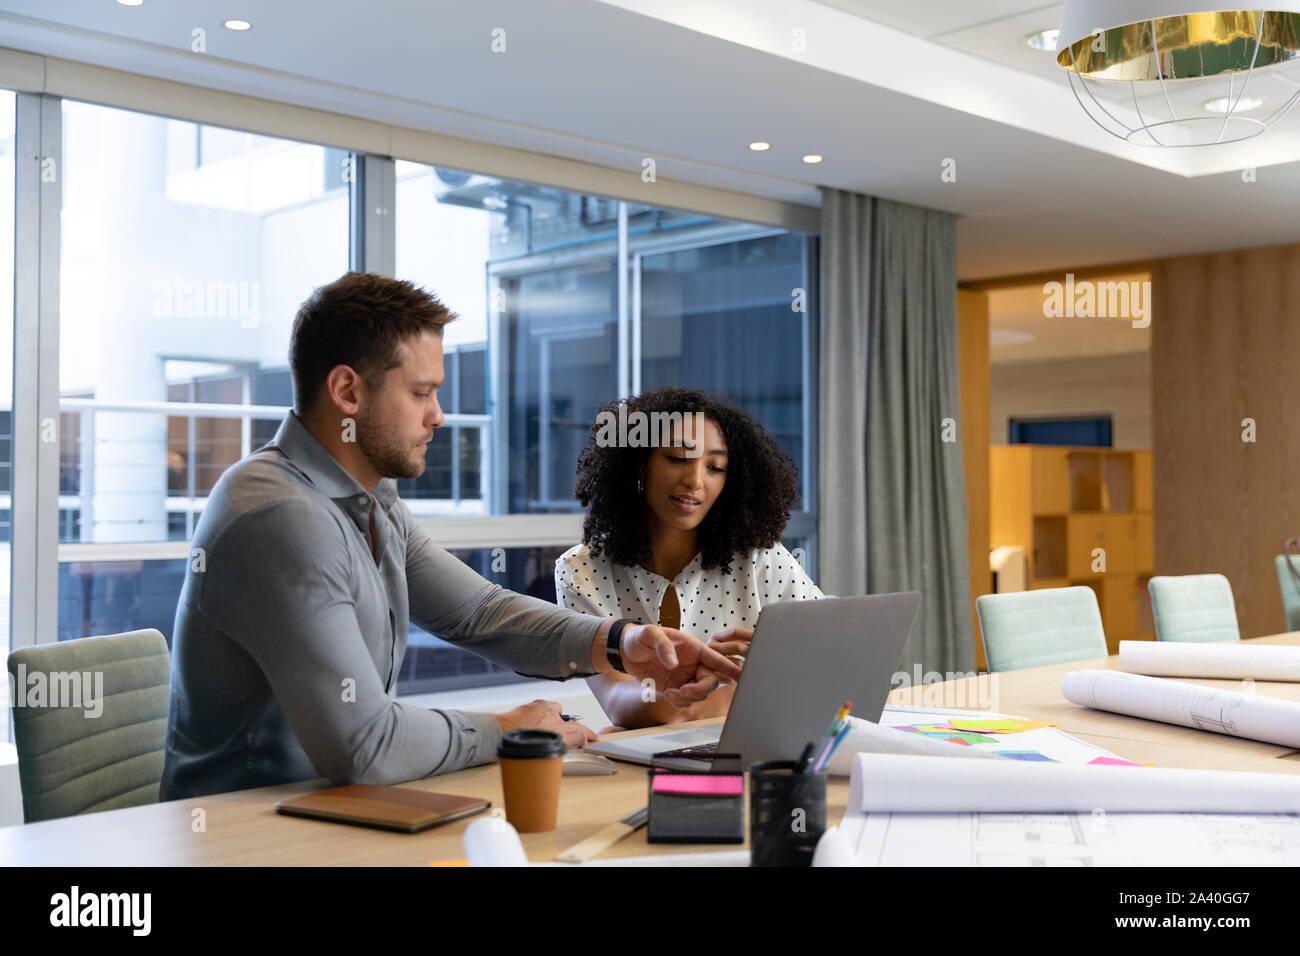 Zwei junge Kreative Profis zusammen arbeiten in einem modernen Büro Stockfoto